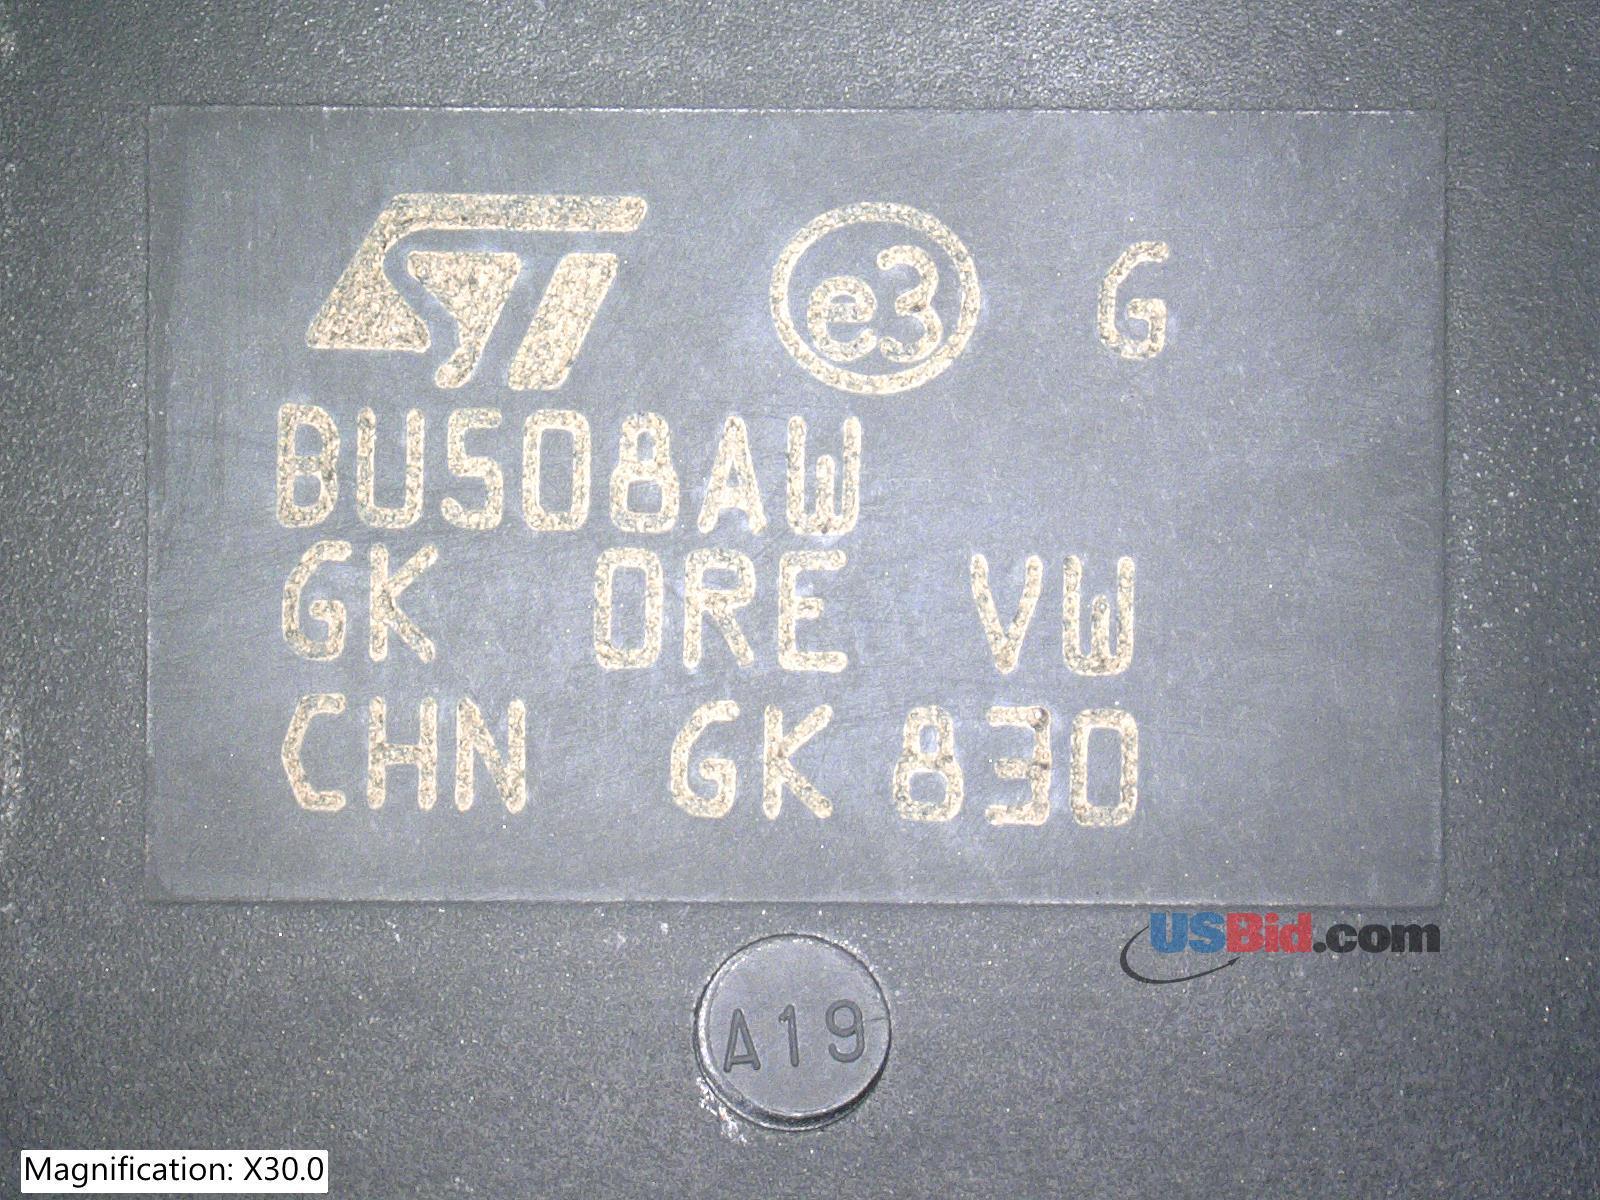 BU508AW